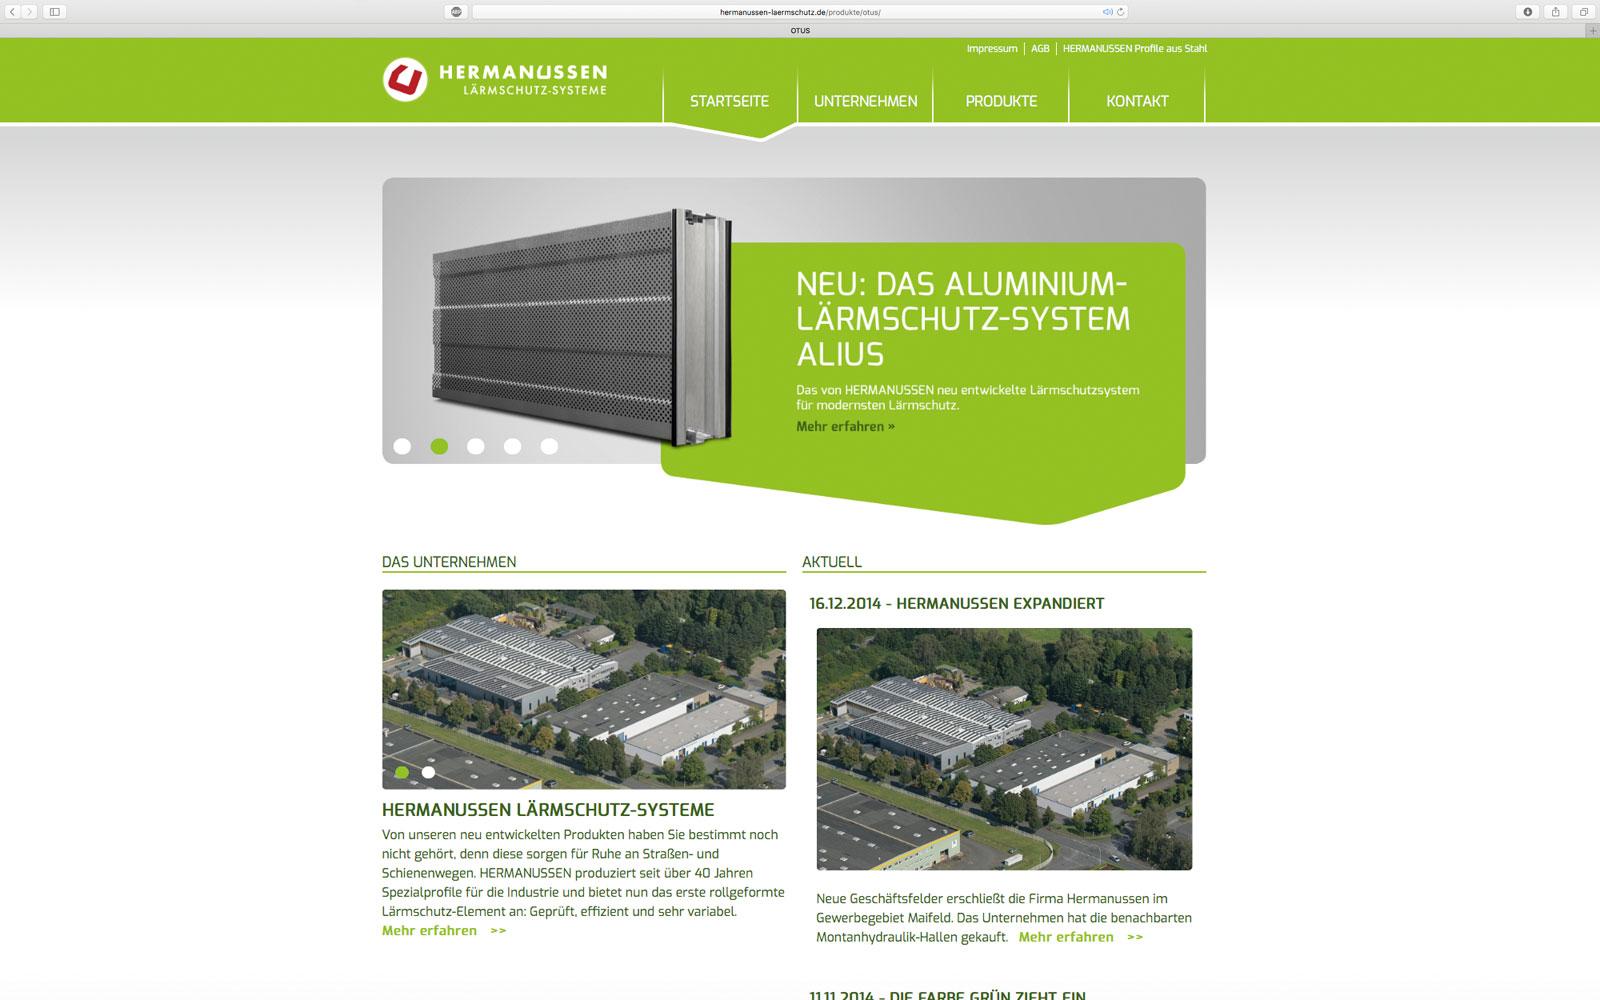 tooldesign-web-hermanussen-websites-1